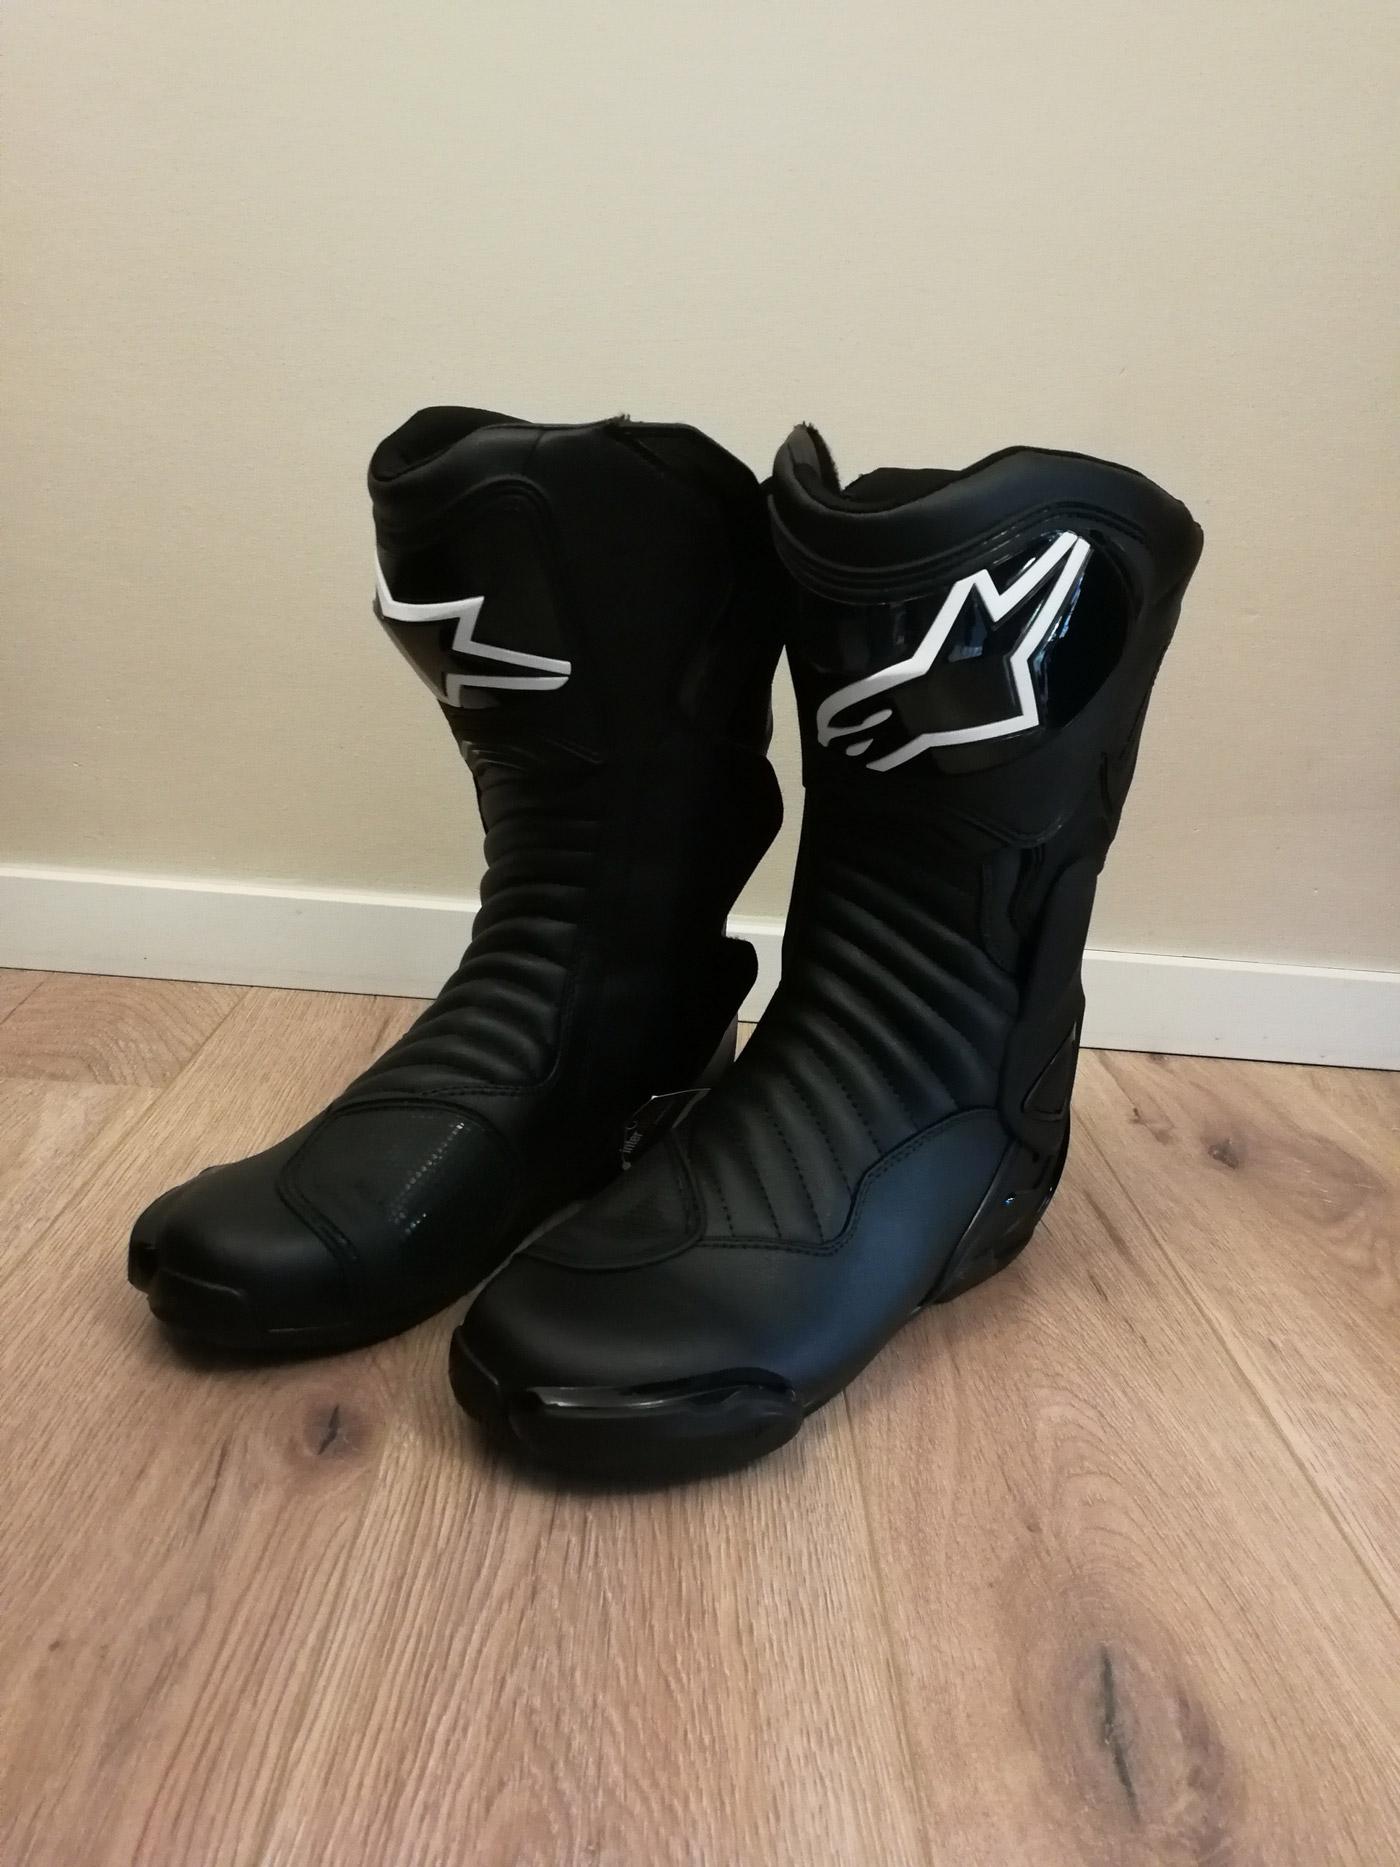 Alpinestarts SMX-6 v2